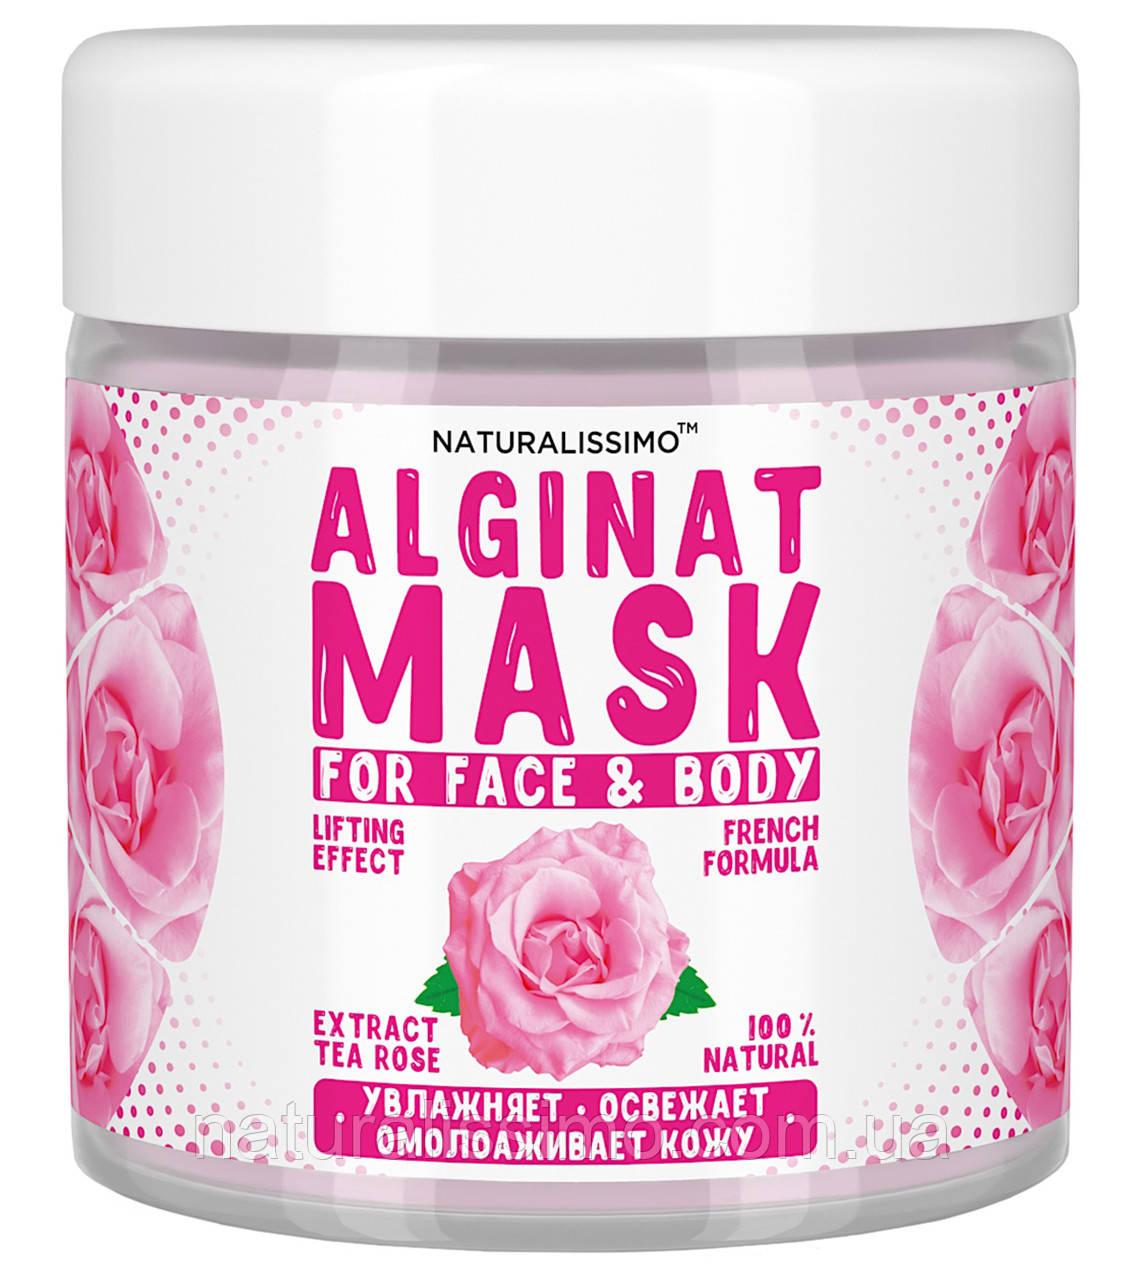 Альгинатная маска Лифтинг, увлажнение и смягчение кожи,  с розой, 50г